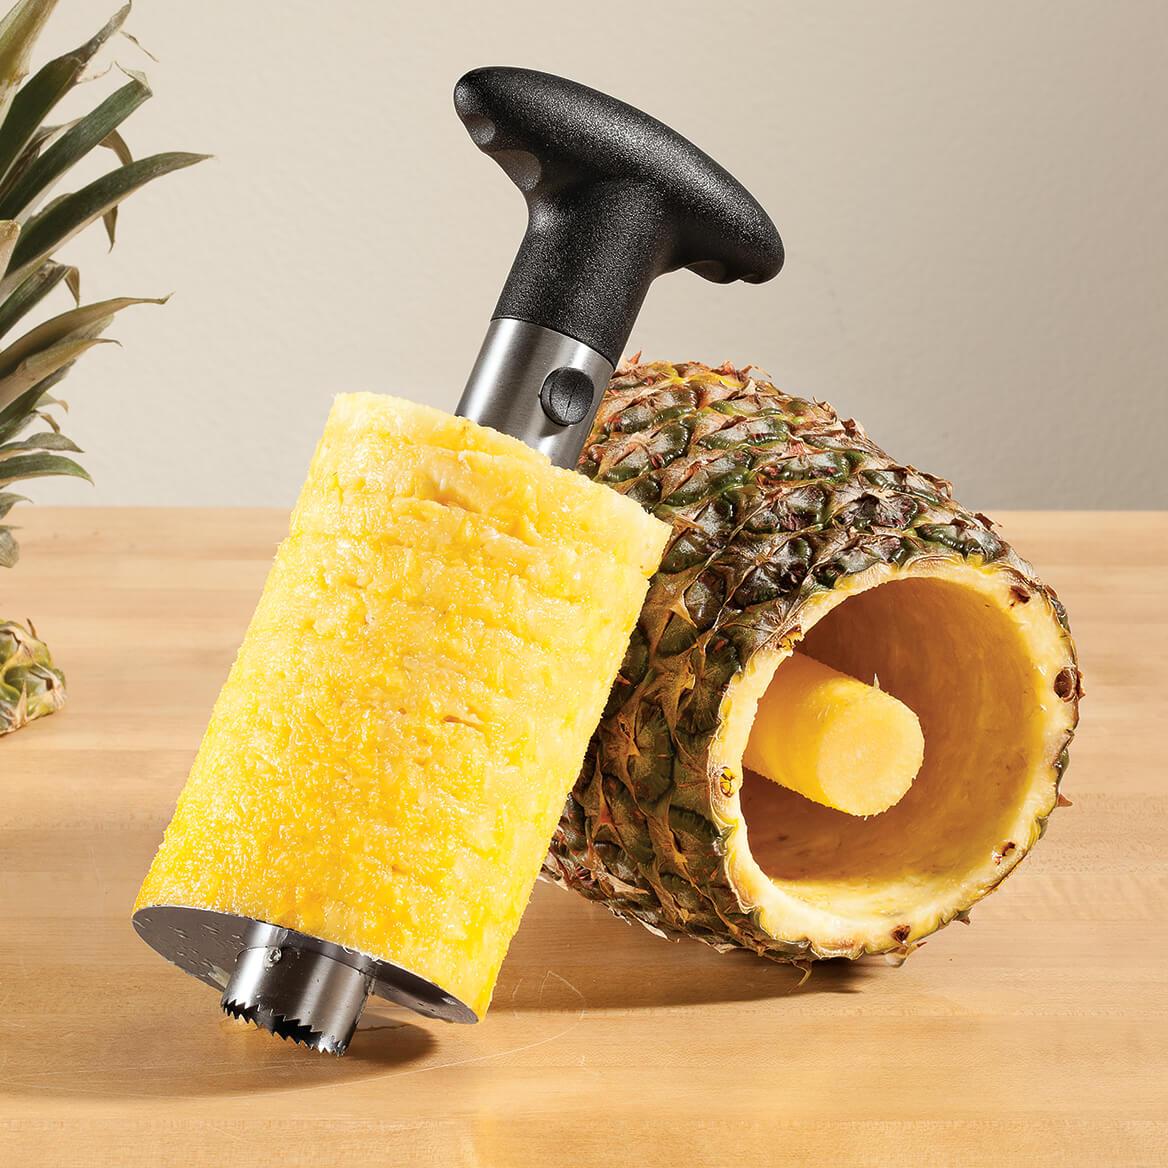 Pineapple Slicer and Corer-362841